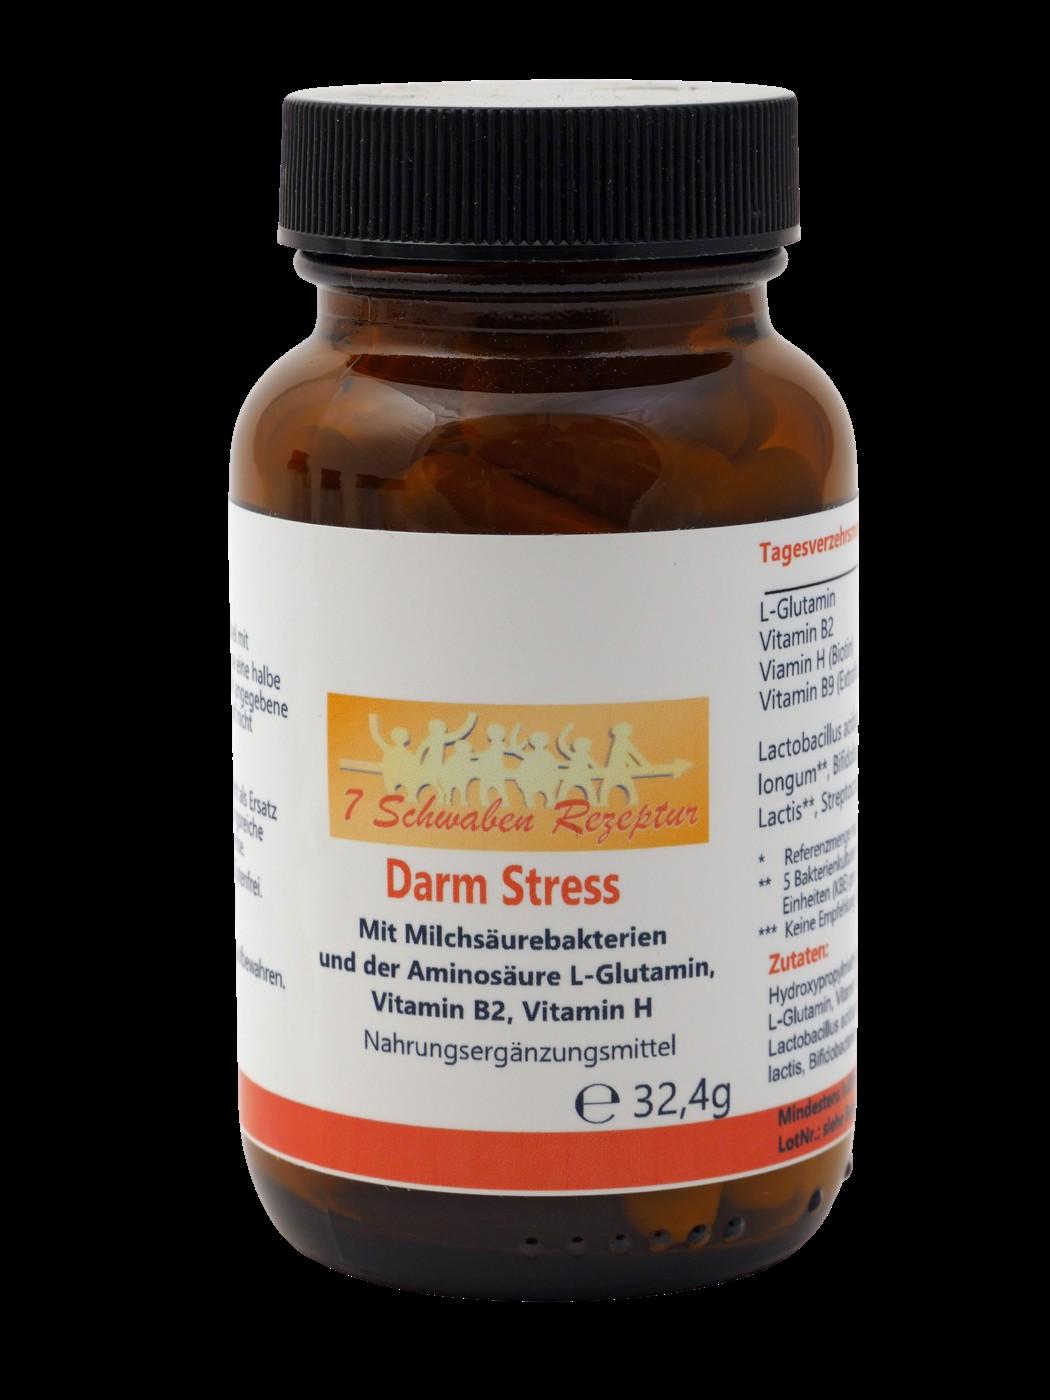 Darm Stress